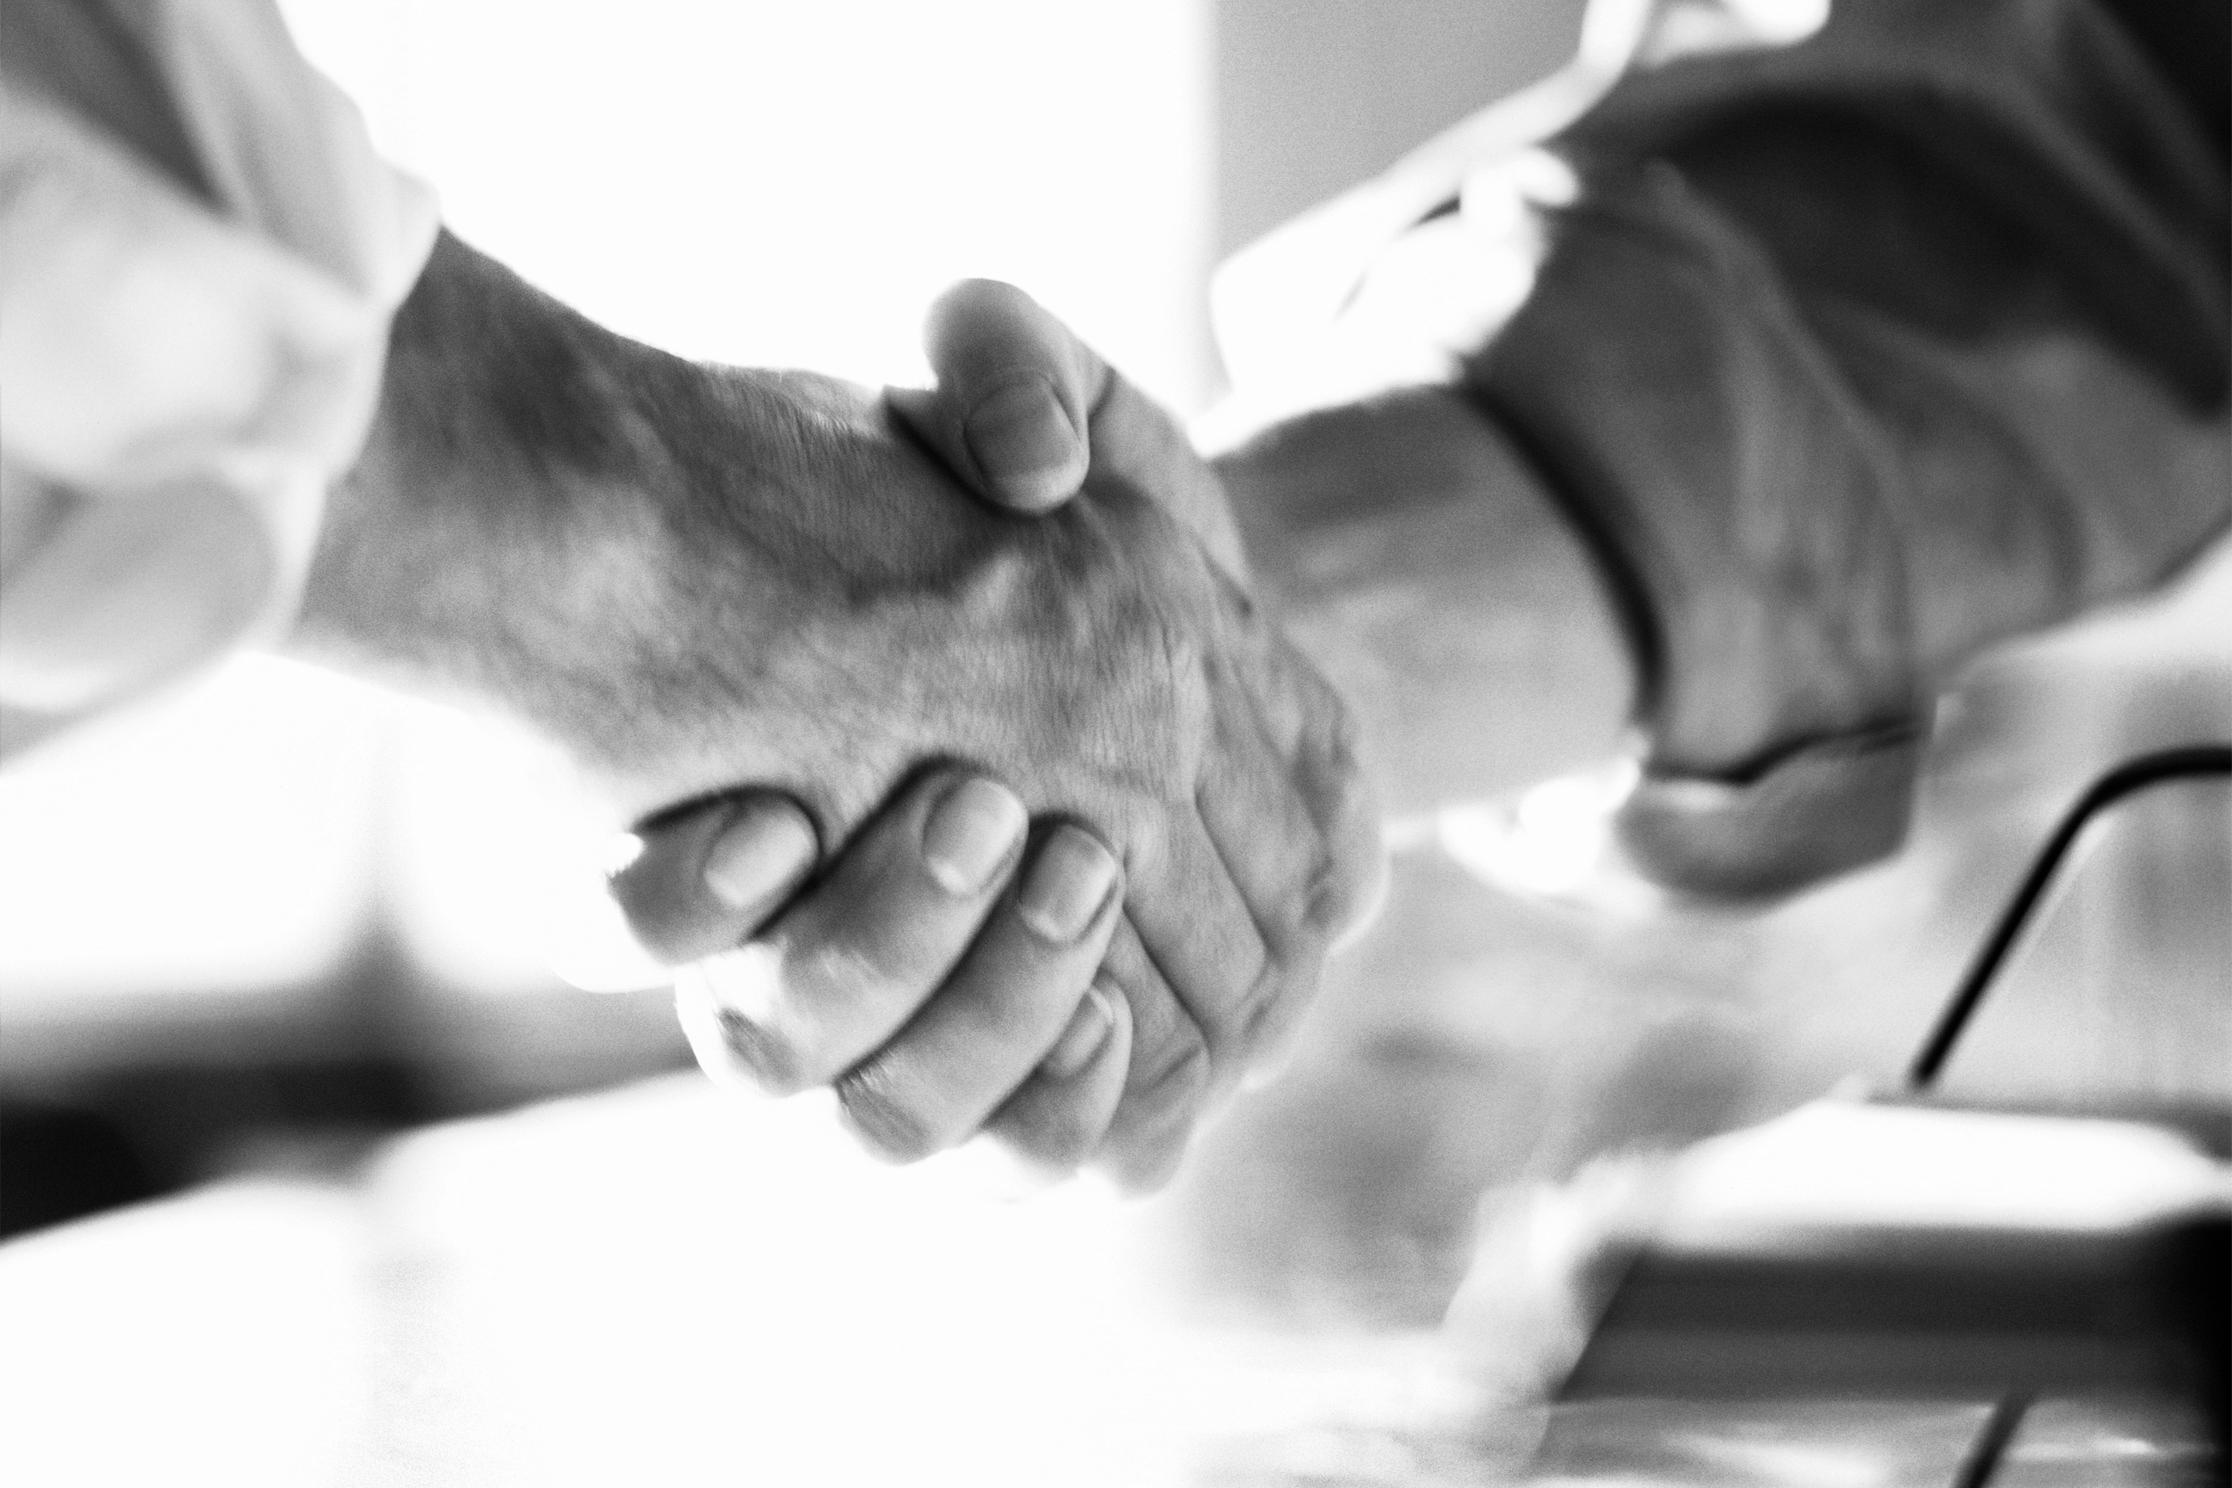 Transmission d entreprise : 4 raisons de s appuyer sur l expertise de la Gestion Privee de la Caisse d Epargne